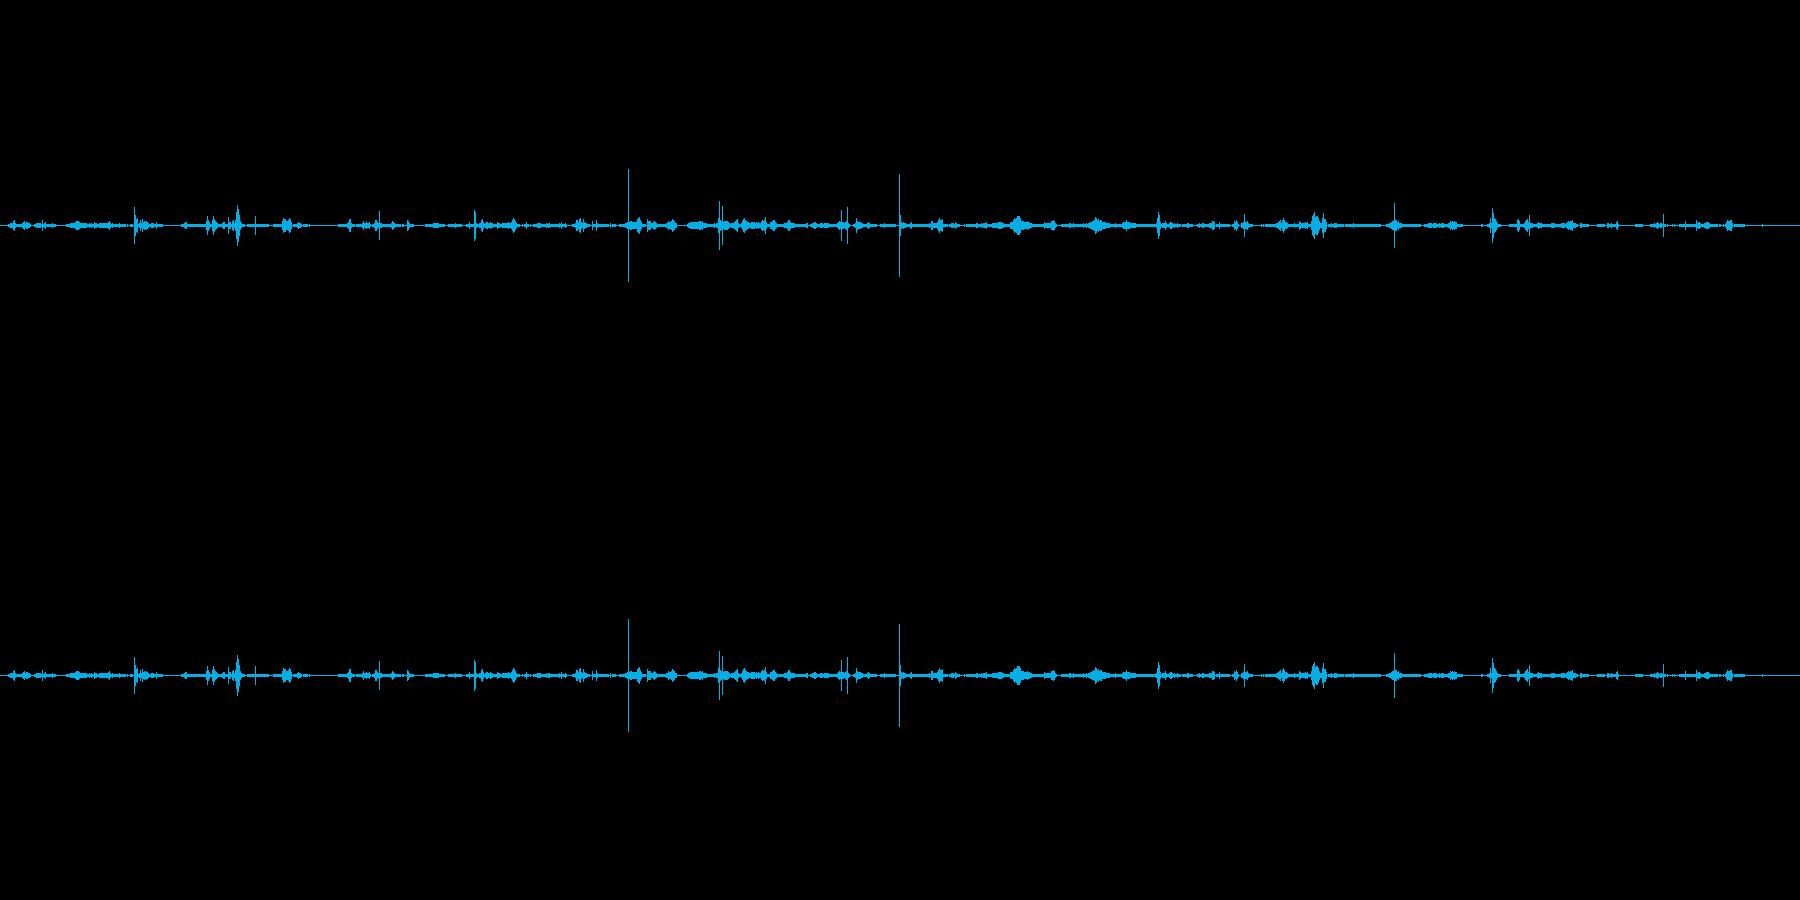 化粧 ボックスストローク処理02の再生済みの波形